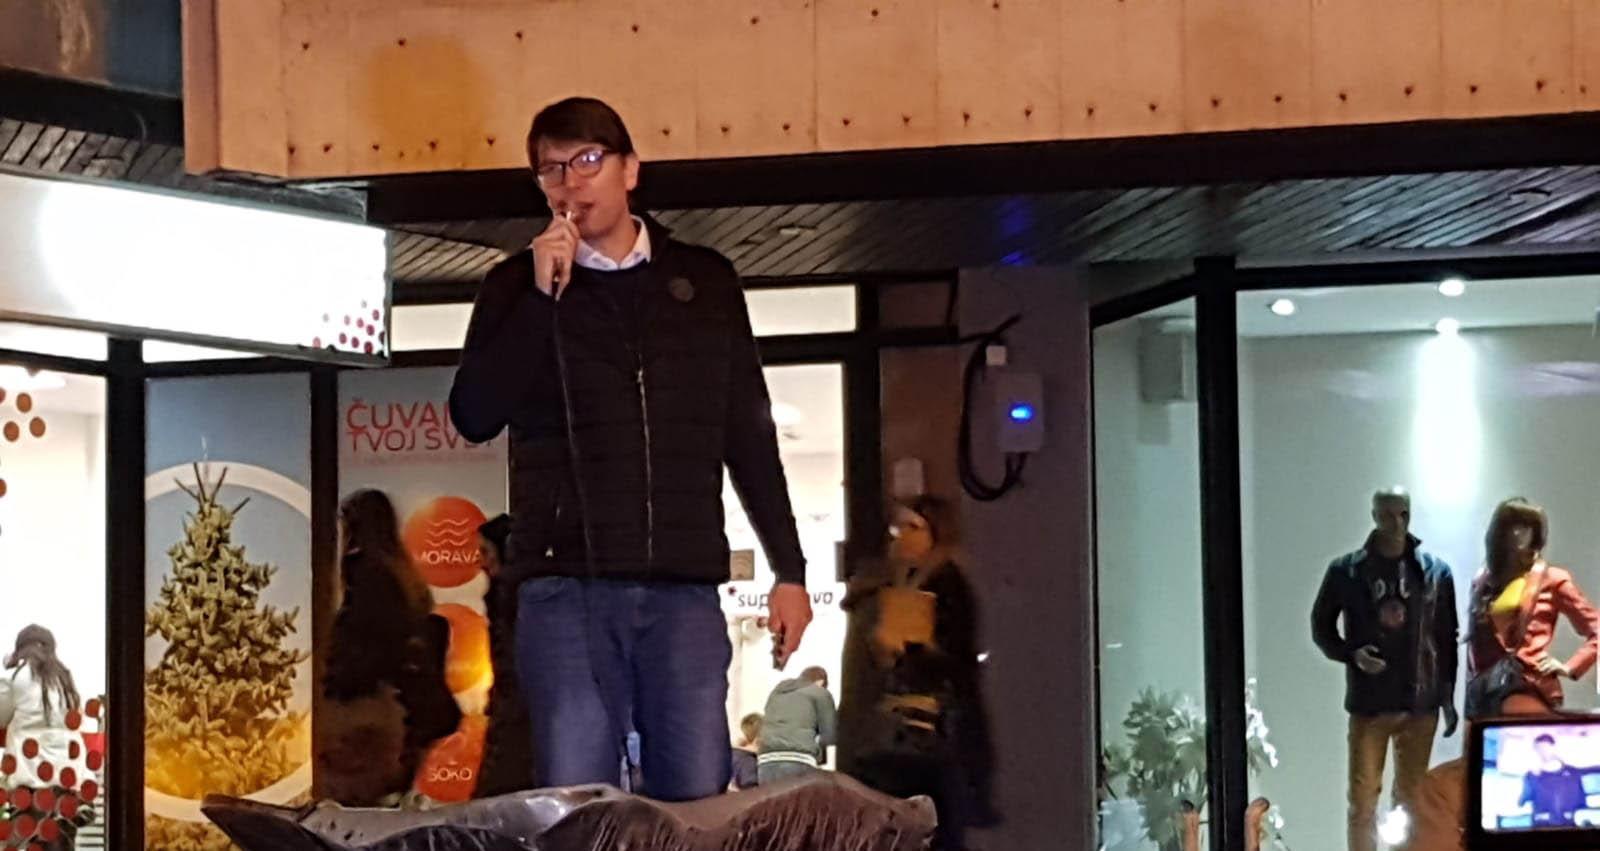 Јовановић: Обрадовићу дугујемо конкретну подршку, а грађанима обећавамо промену система